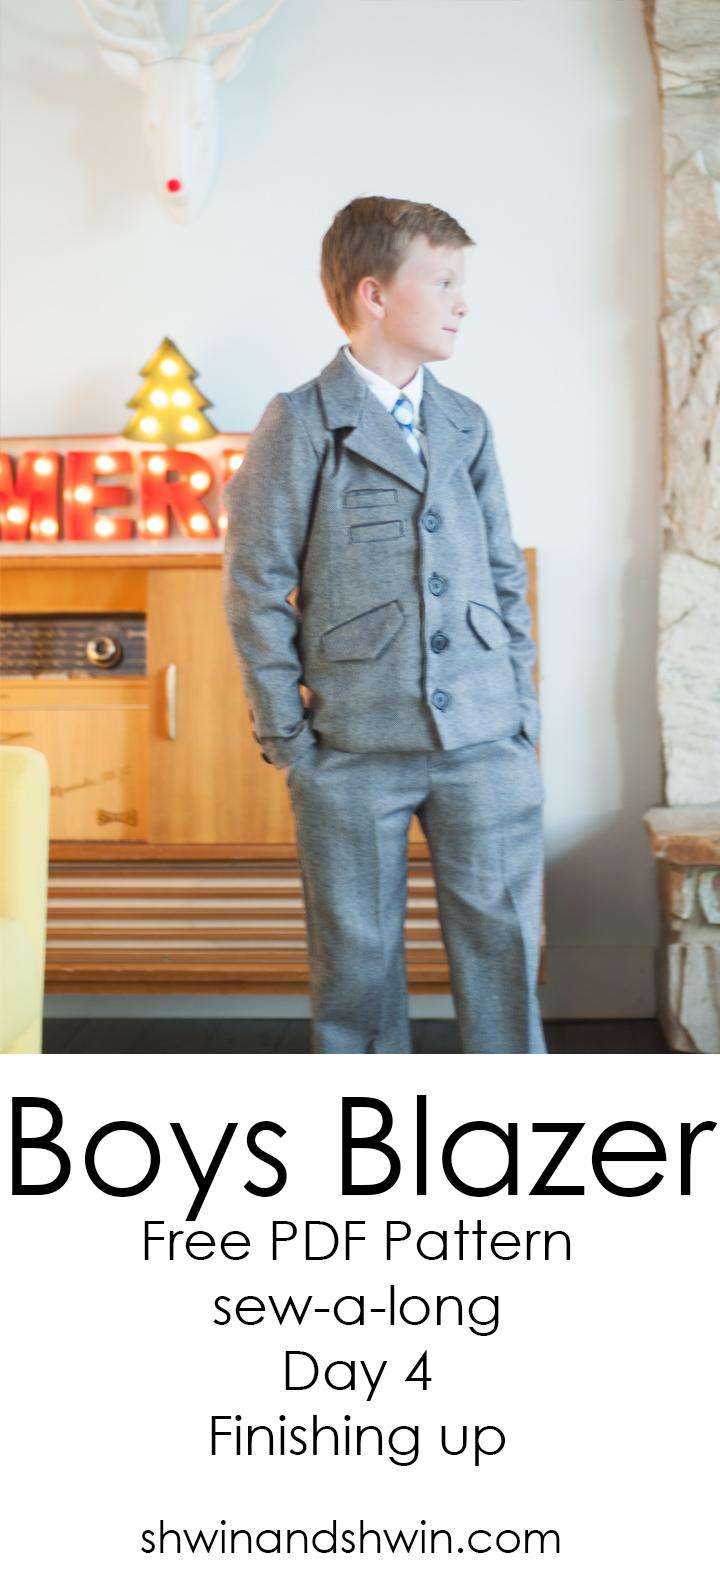 Boys Blazer Pattern Sew-a-long   FREE PDF Pattern    Finishing up